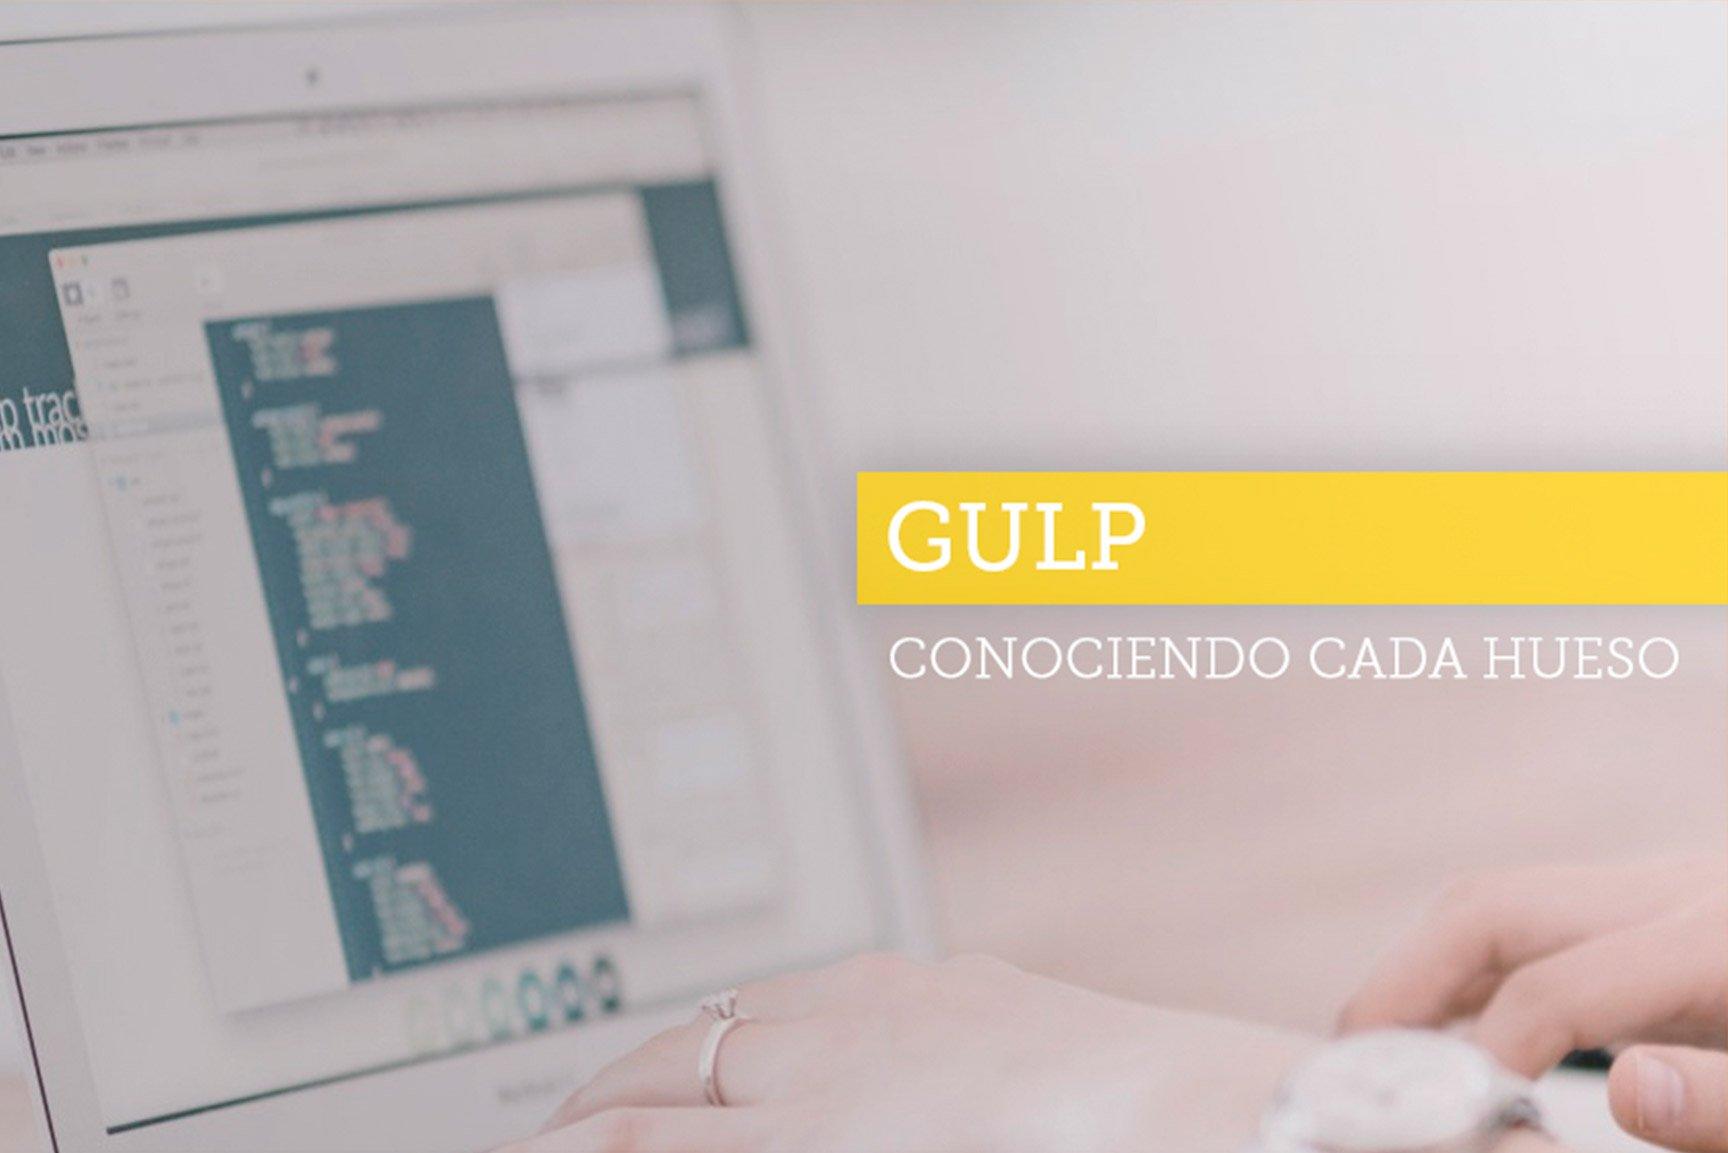 h_gulp_inicia_conociendo_cada_hueso